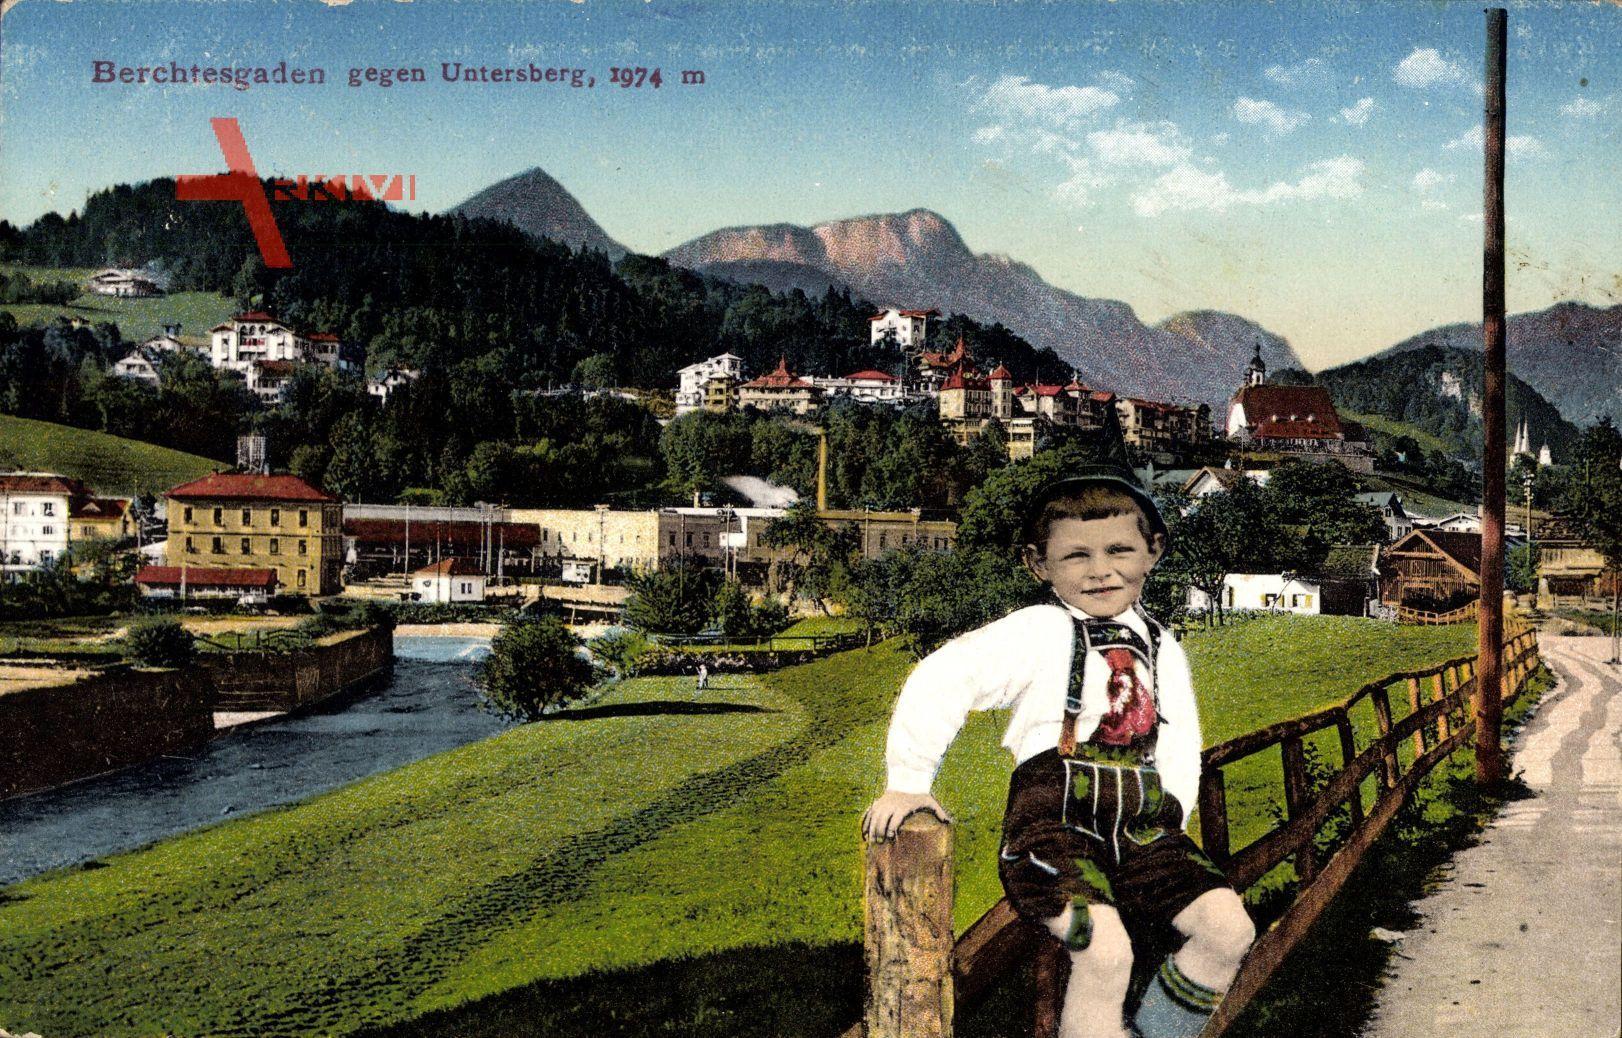 Berchtesgaden, Blick auf den Ort, Untersberg, Junge in Tracht